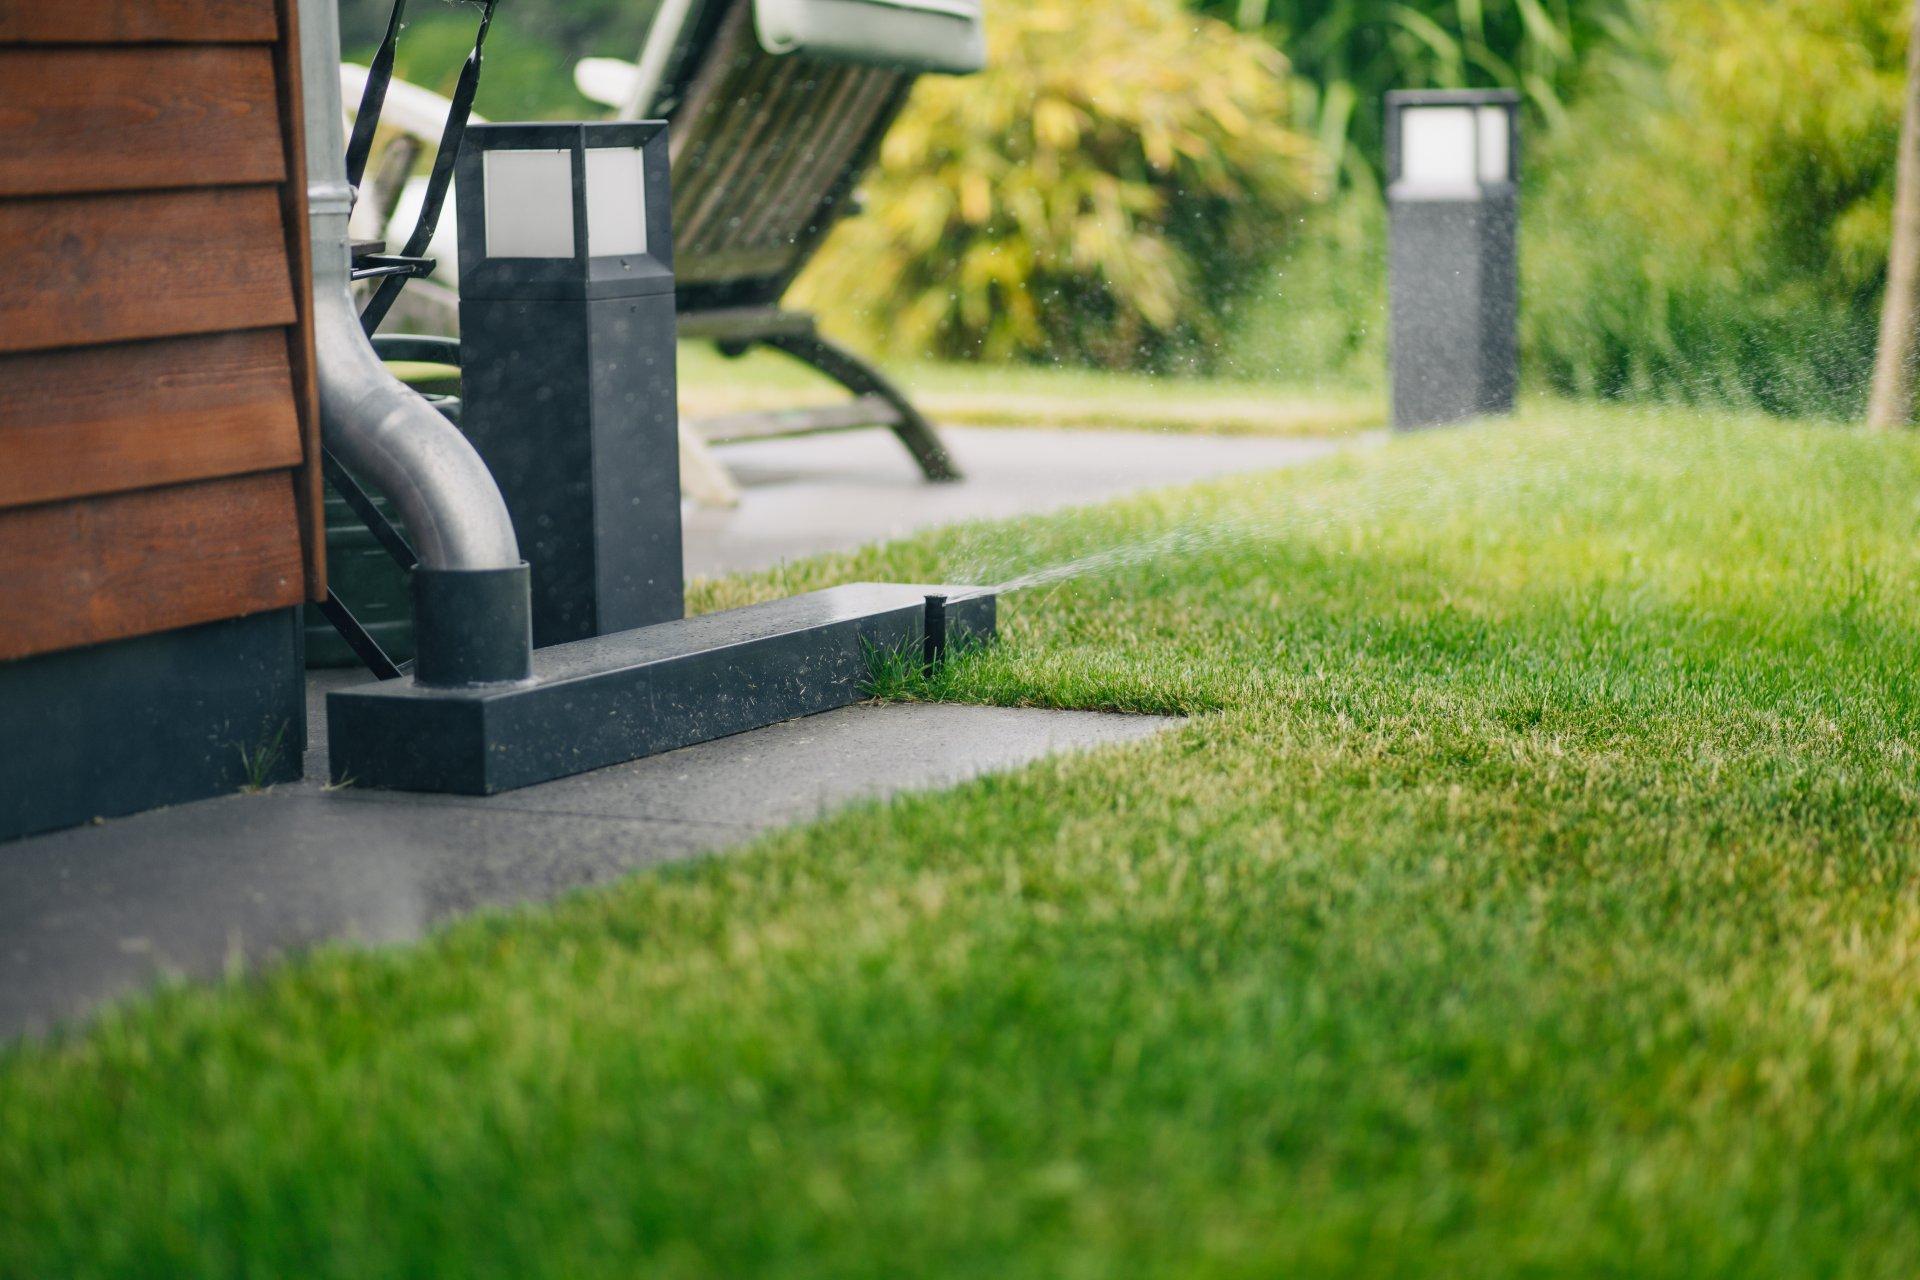 Full Size of Bewässerung Garten Sitzbank Kletterturm Schaukelstuhl Spielhaus Feuerschale Wassertank Lounge Sofa Beistelltisch Gewächshaus Loungemöbel Bewässerungssystem Garten Bewässerung Garten